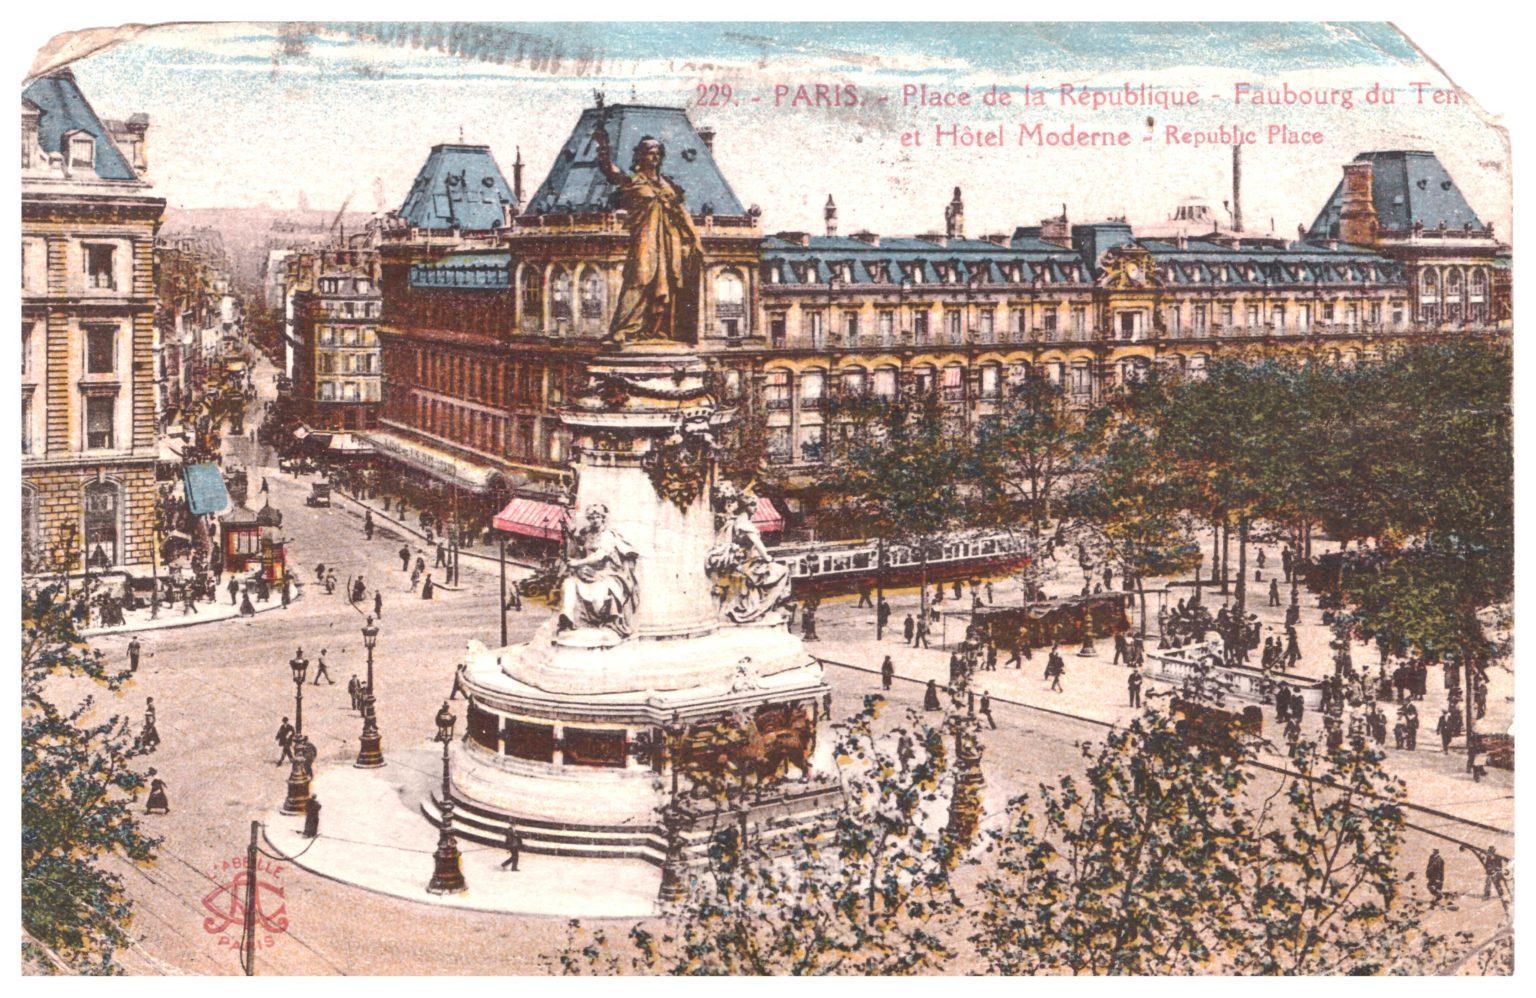 Séminaire mensuel de littérature yiddish: la vie culturelle yiddish en France